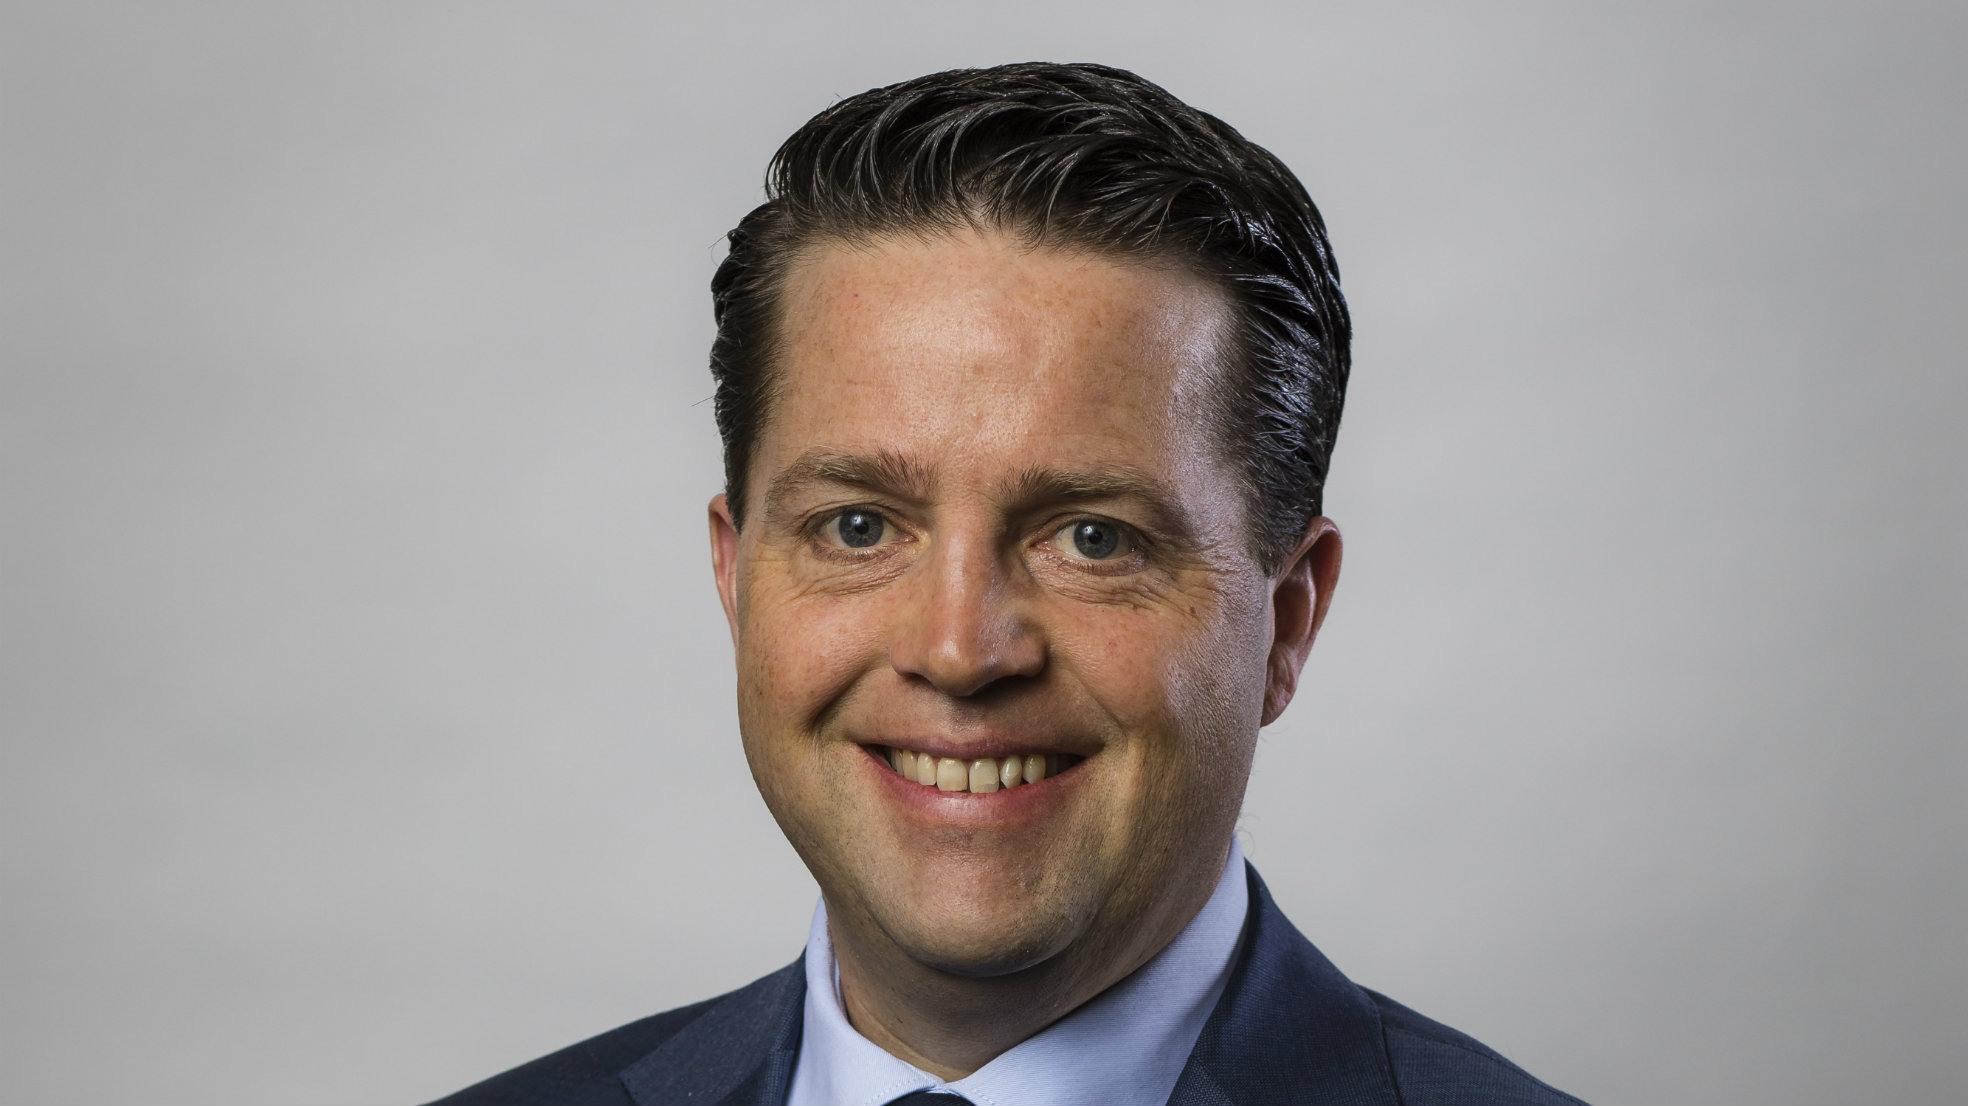 Lorijn Van Leersum Marktlink Recap Baker Tilly Bedrijfsovername personeel financiering